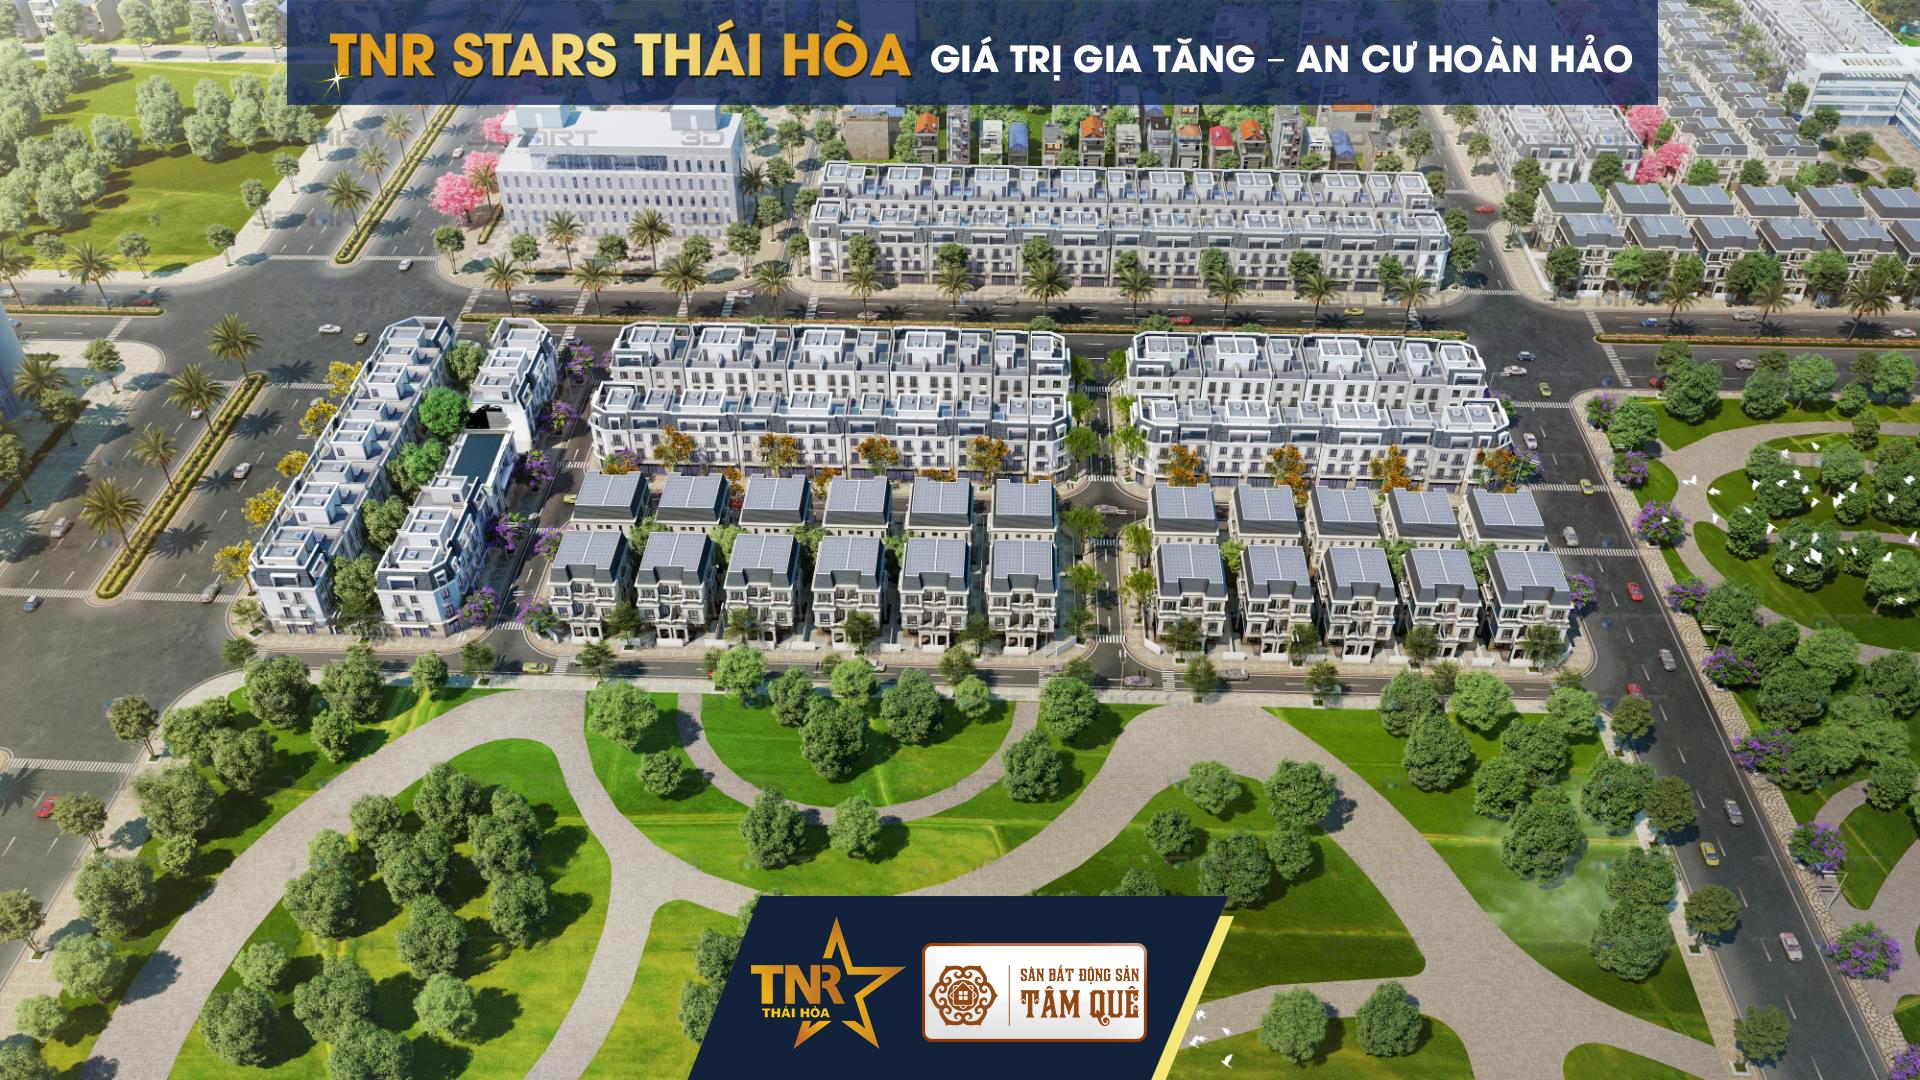 bất động sản Thái Hòa - TNR Stars Thái Hòa